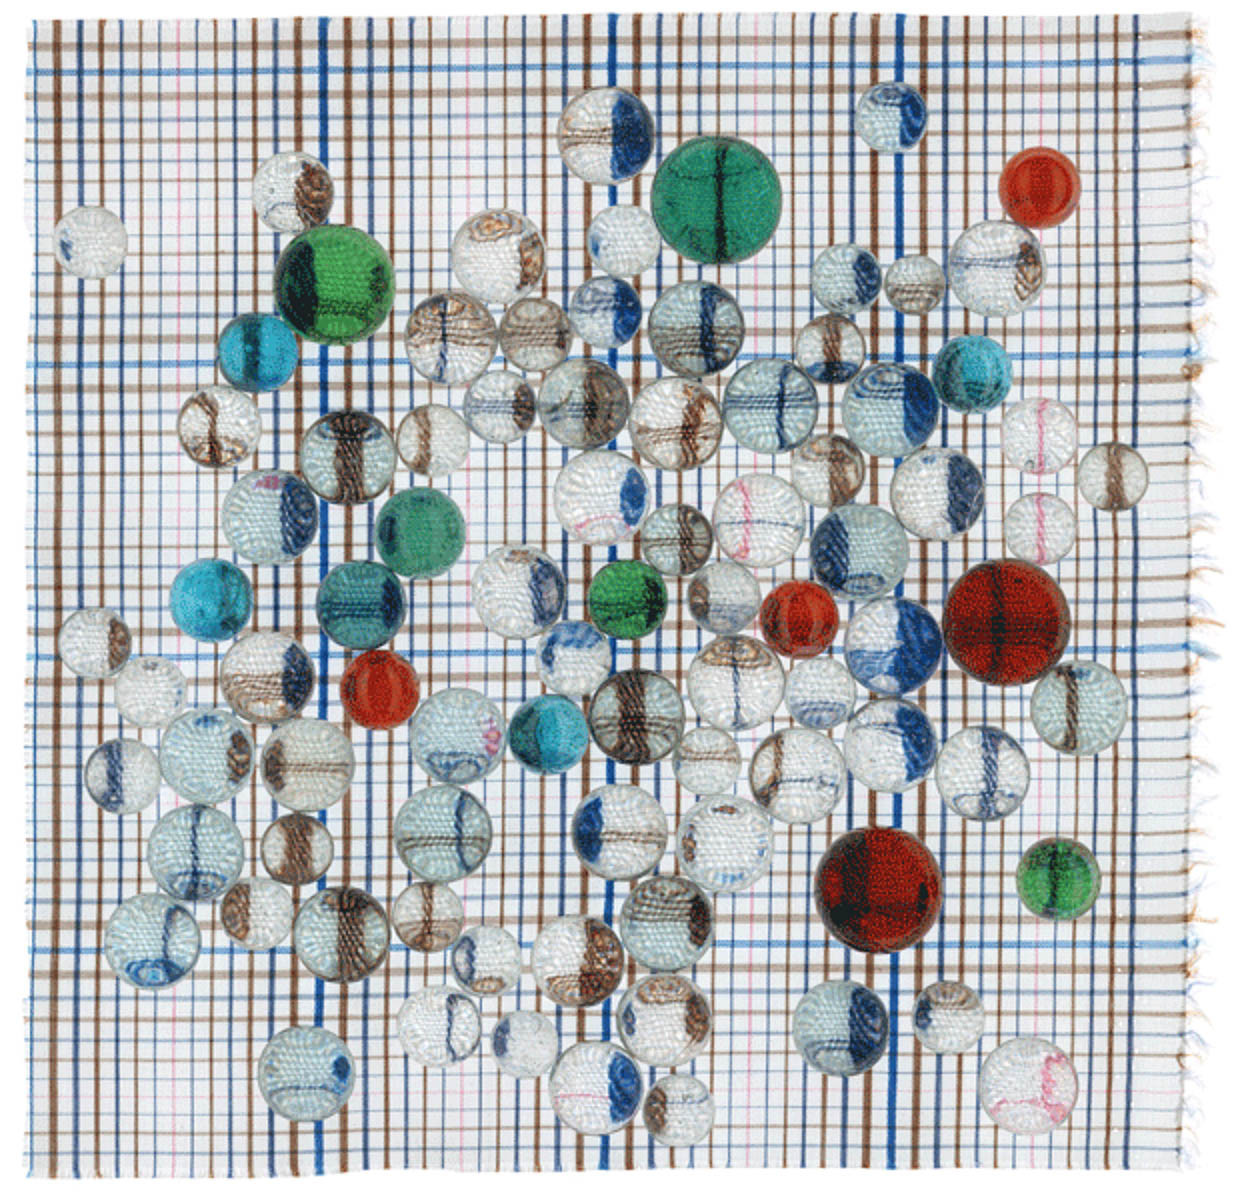 Savatier-%22Quadrié, billes%22, 2011, scanogramme épreuve pigmentaire, 105 x 103 cm.jpg